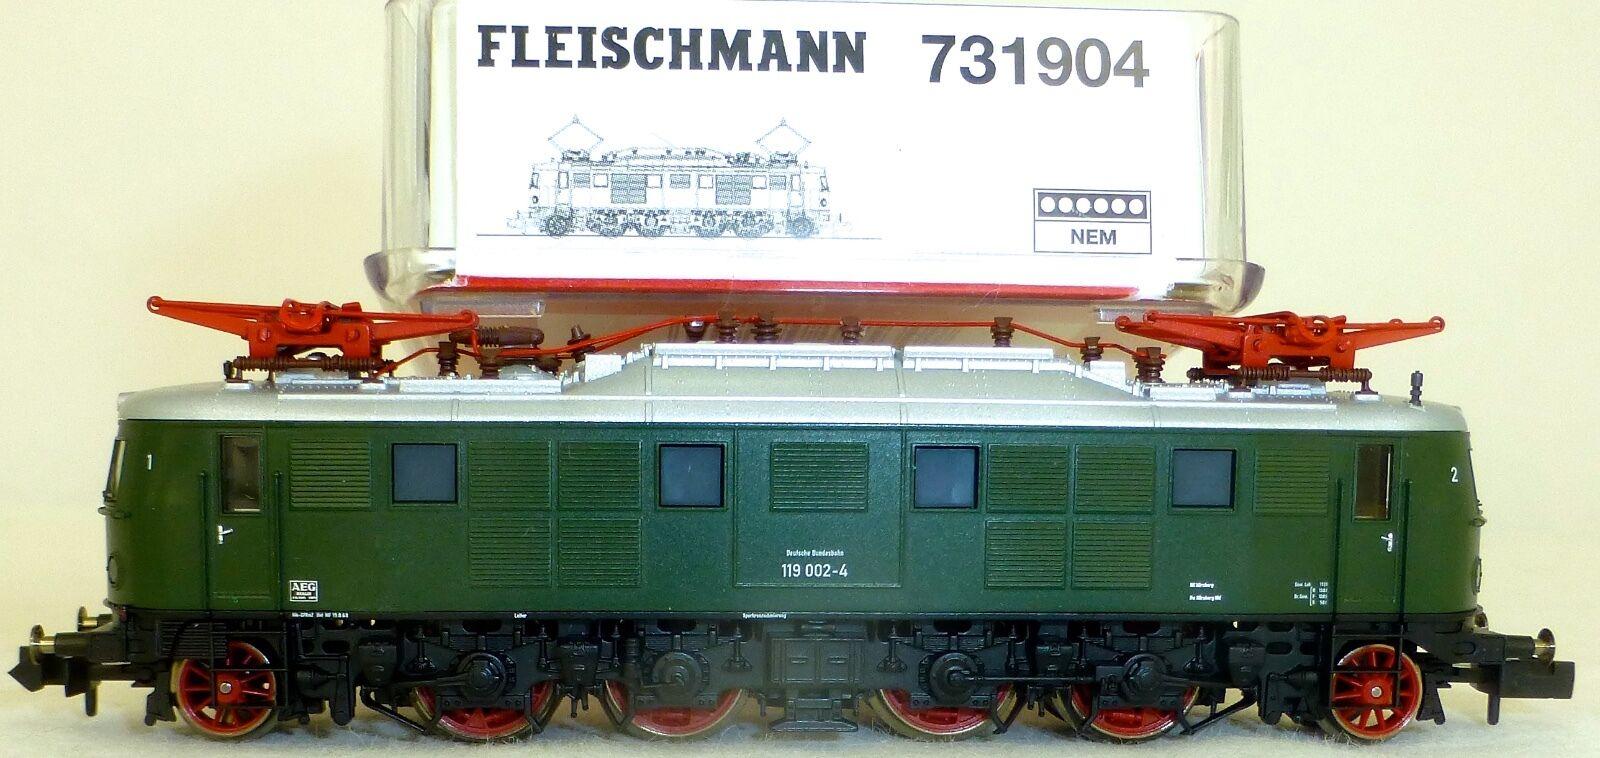 119.0 E-LOCOMOTIVE DB Ep IV DSS Fleischmann Fleischmann Fleischmann 731904 OVP H0 Neu Å 5fe9ad